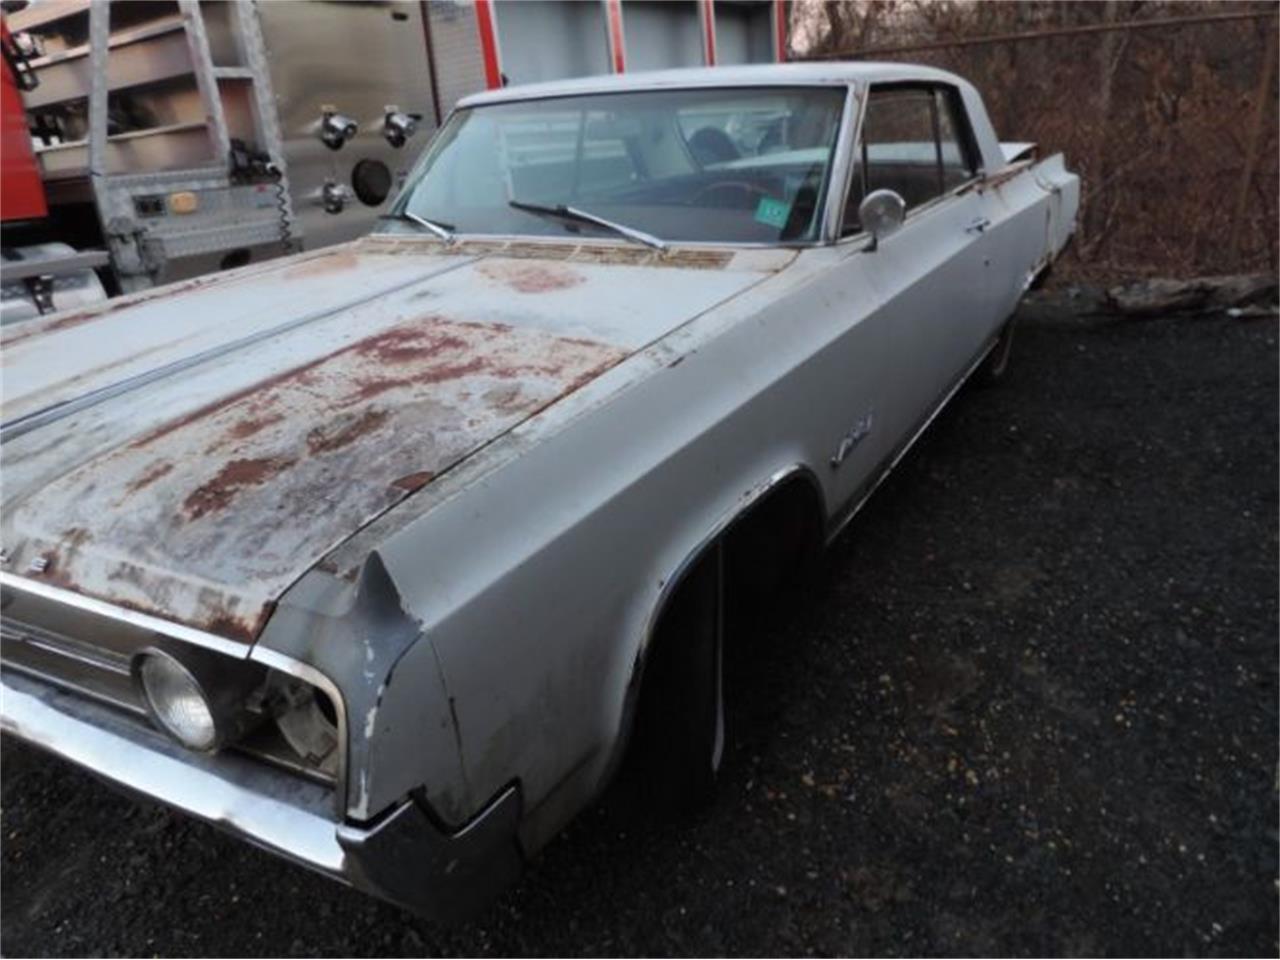 For Sale: 1964 Oldsmobile Jetstar I in Cadillac, Michigan